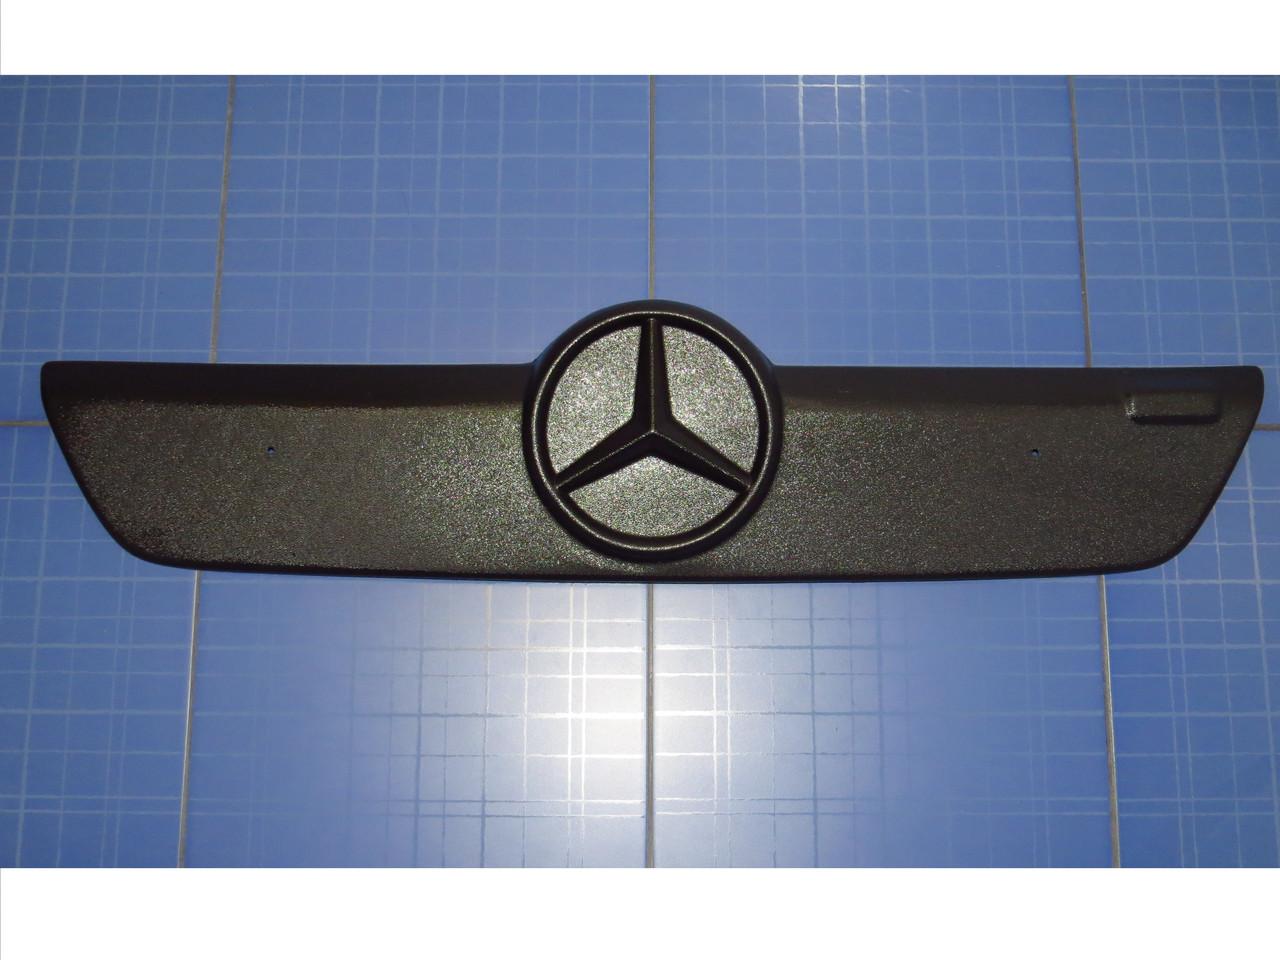 Зимняя заглушка решётки радиатора  Мерседес Спринтер верх 2002-2006 матовая Fly. Утеплитель решётки Mercedes